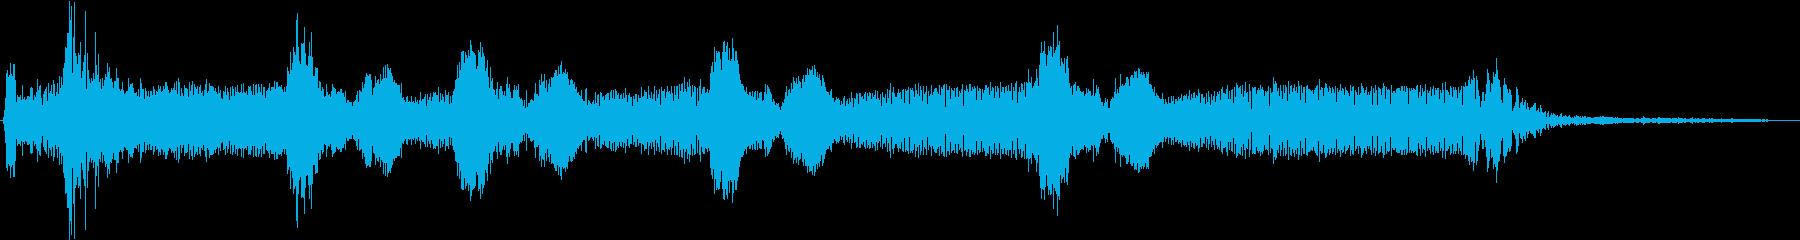 スクールバス:Int:スタート、R...の再生済みの波形